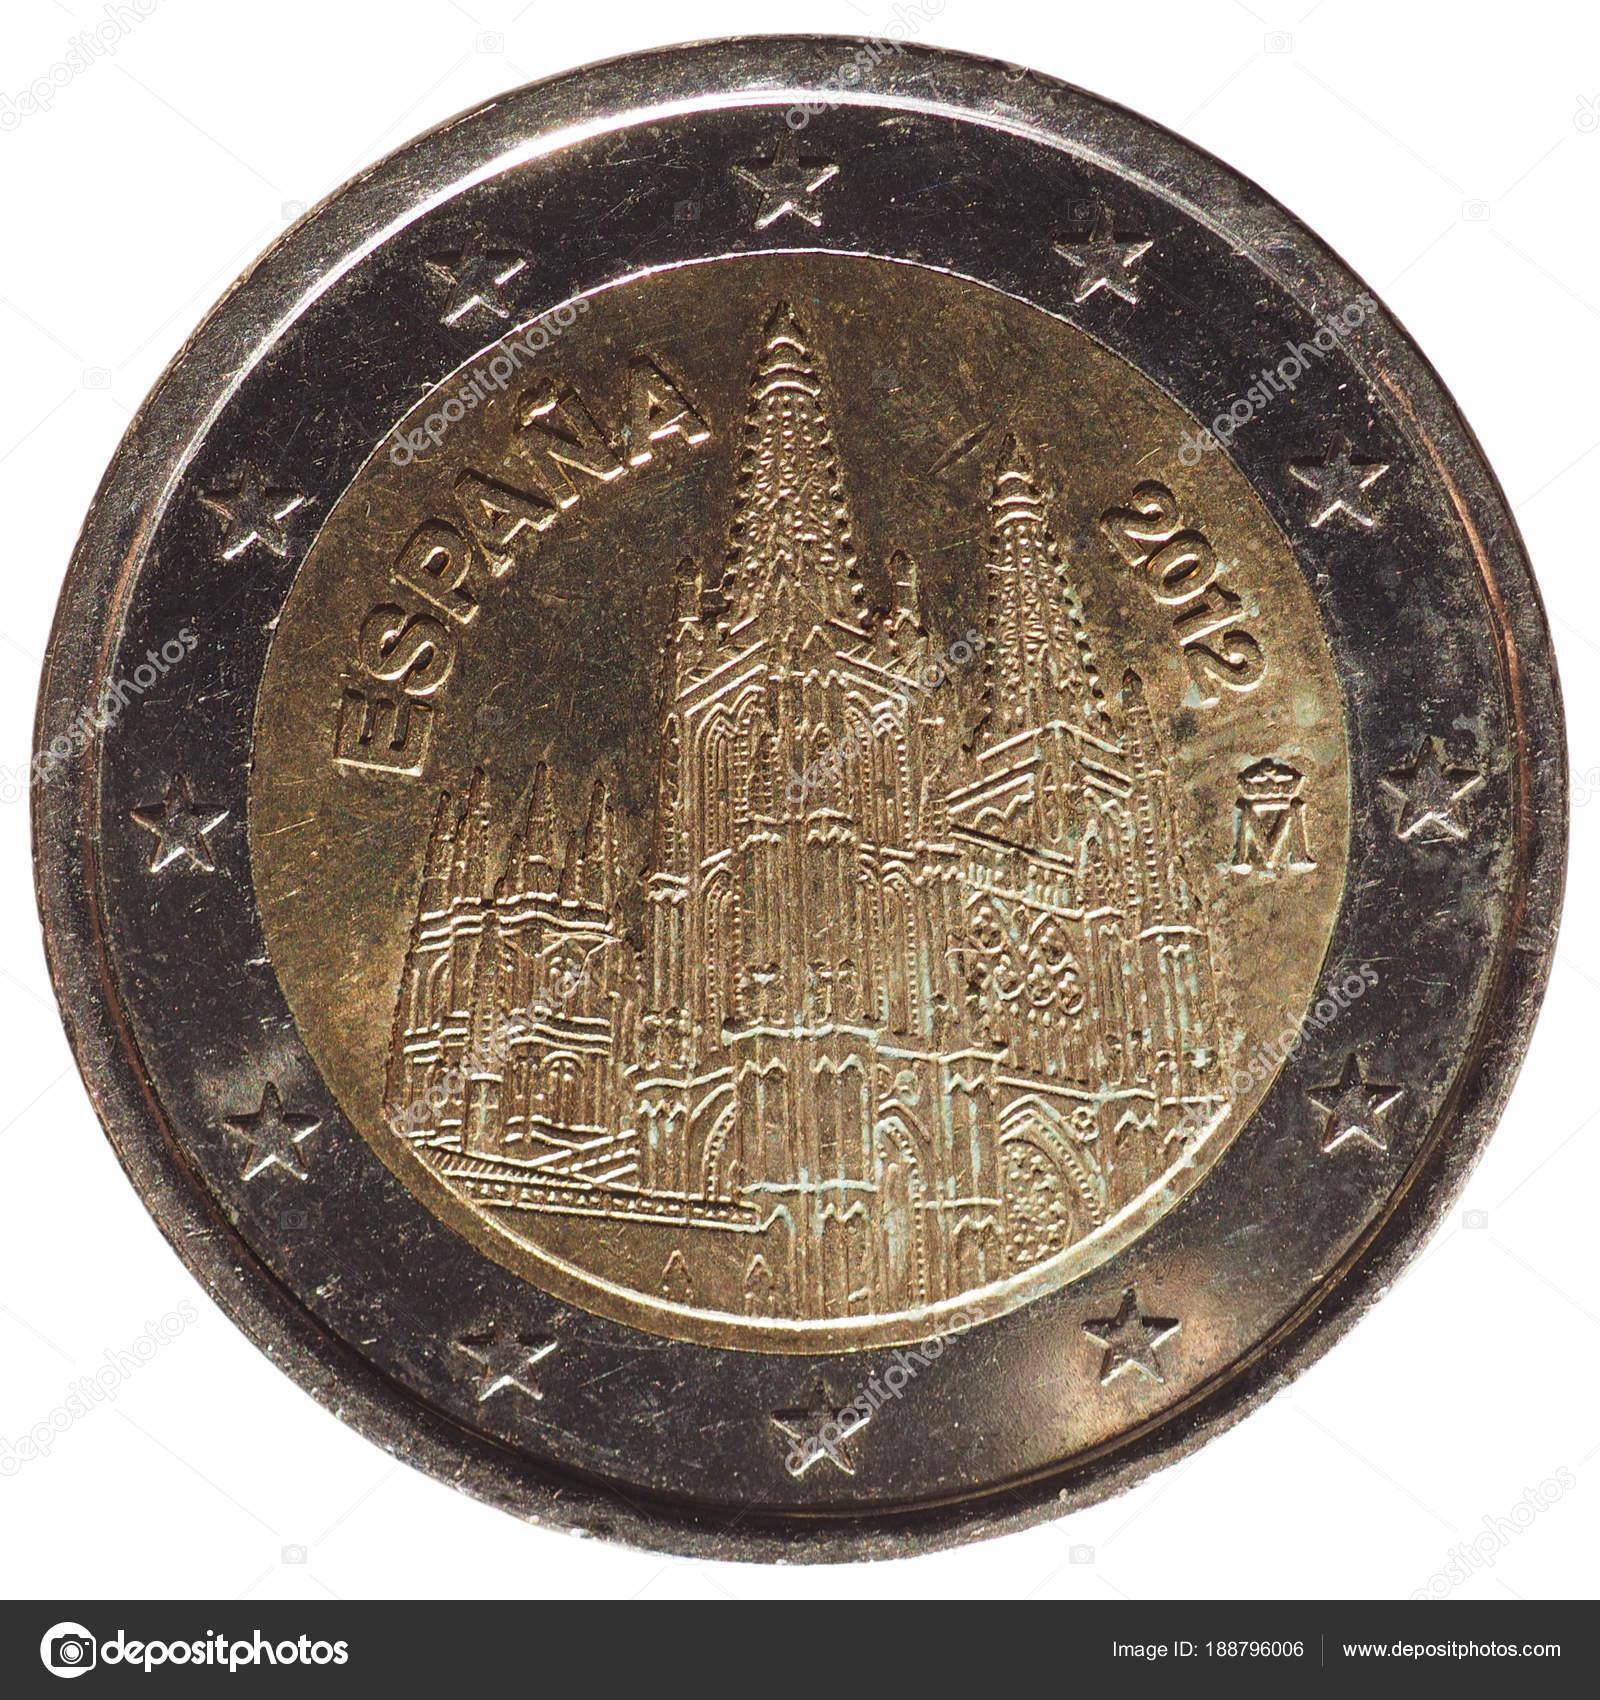 2 Euro Münze Europäische Union Stockfoto Route66 188796006